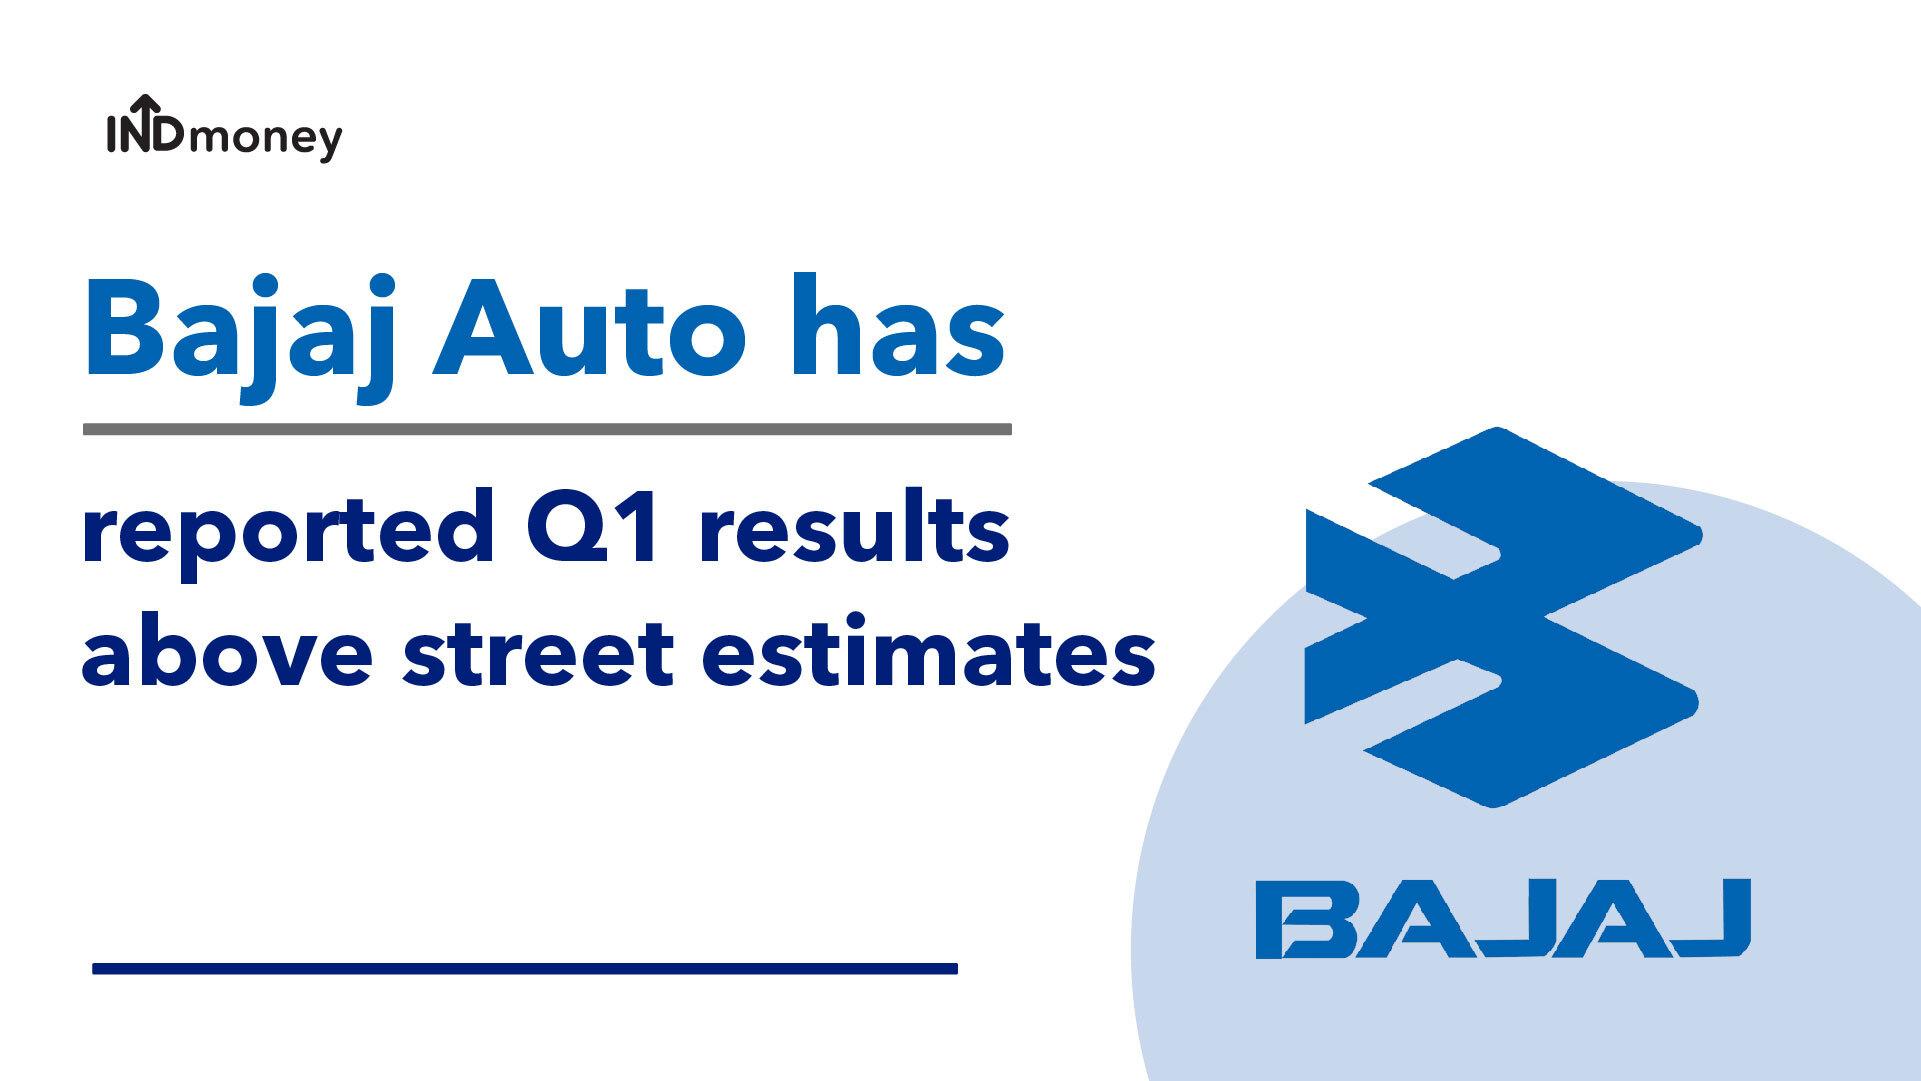 Bajaj Auto Quarterly Results: Bajaj Q1 Results (FY21-22), Earnings & News